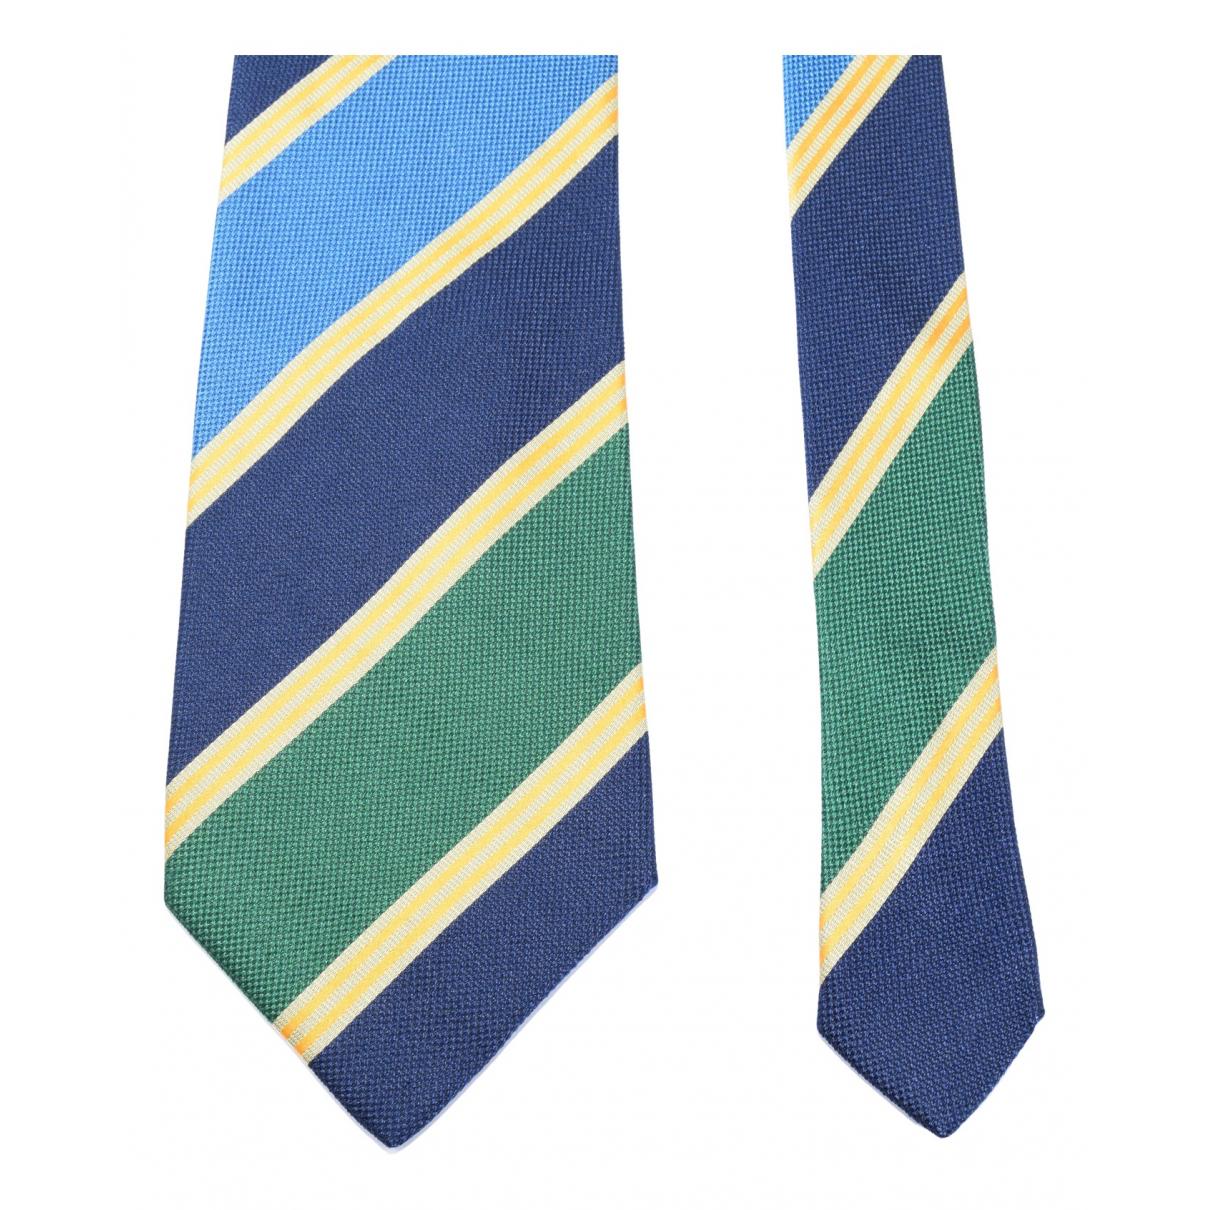 Emanuel Ungaro - Cravates   pour homme en soie - multicolore